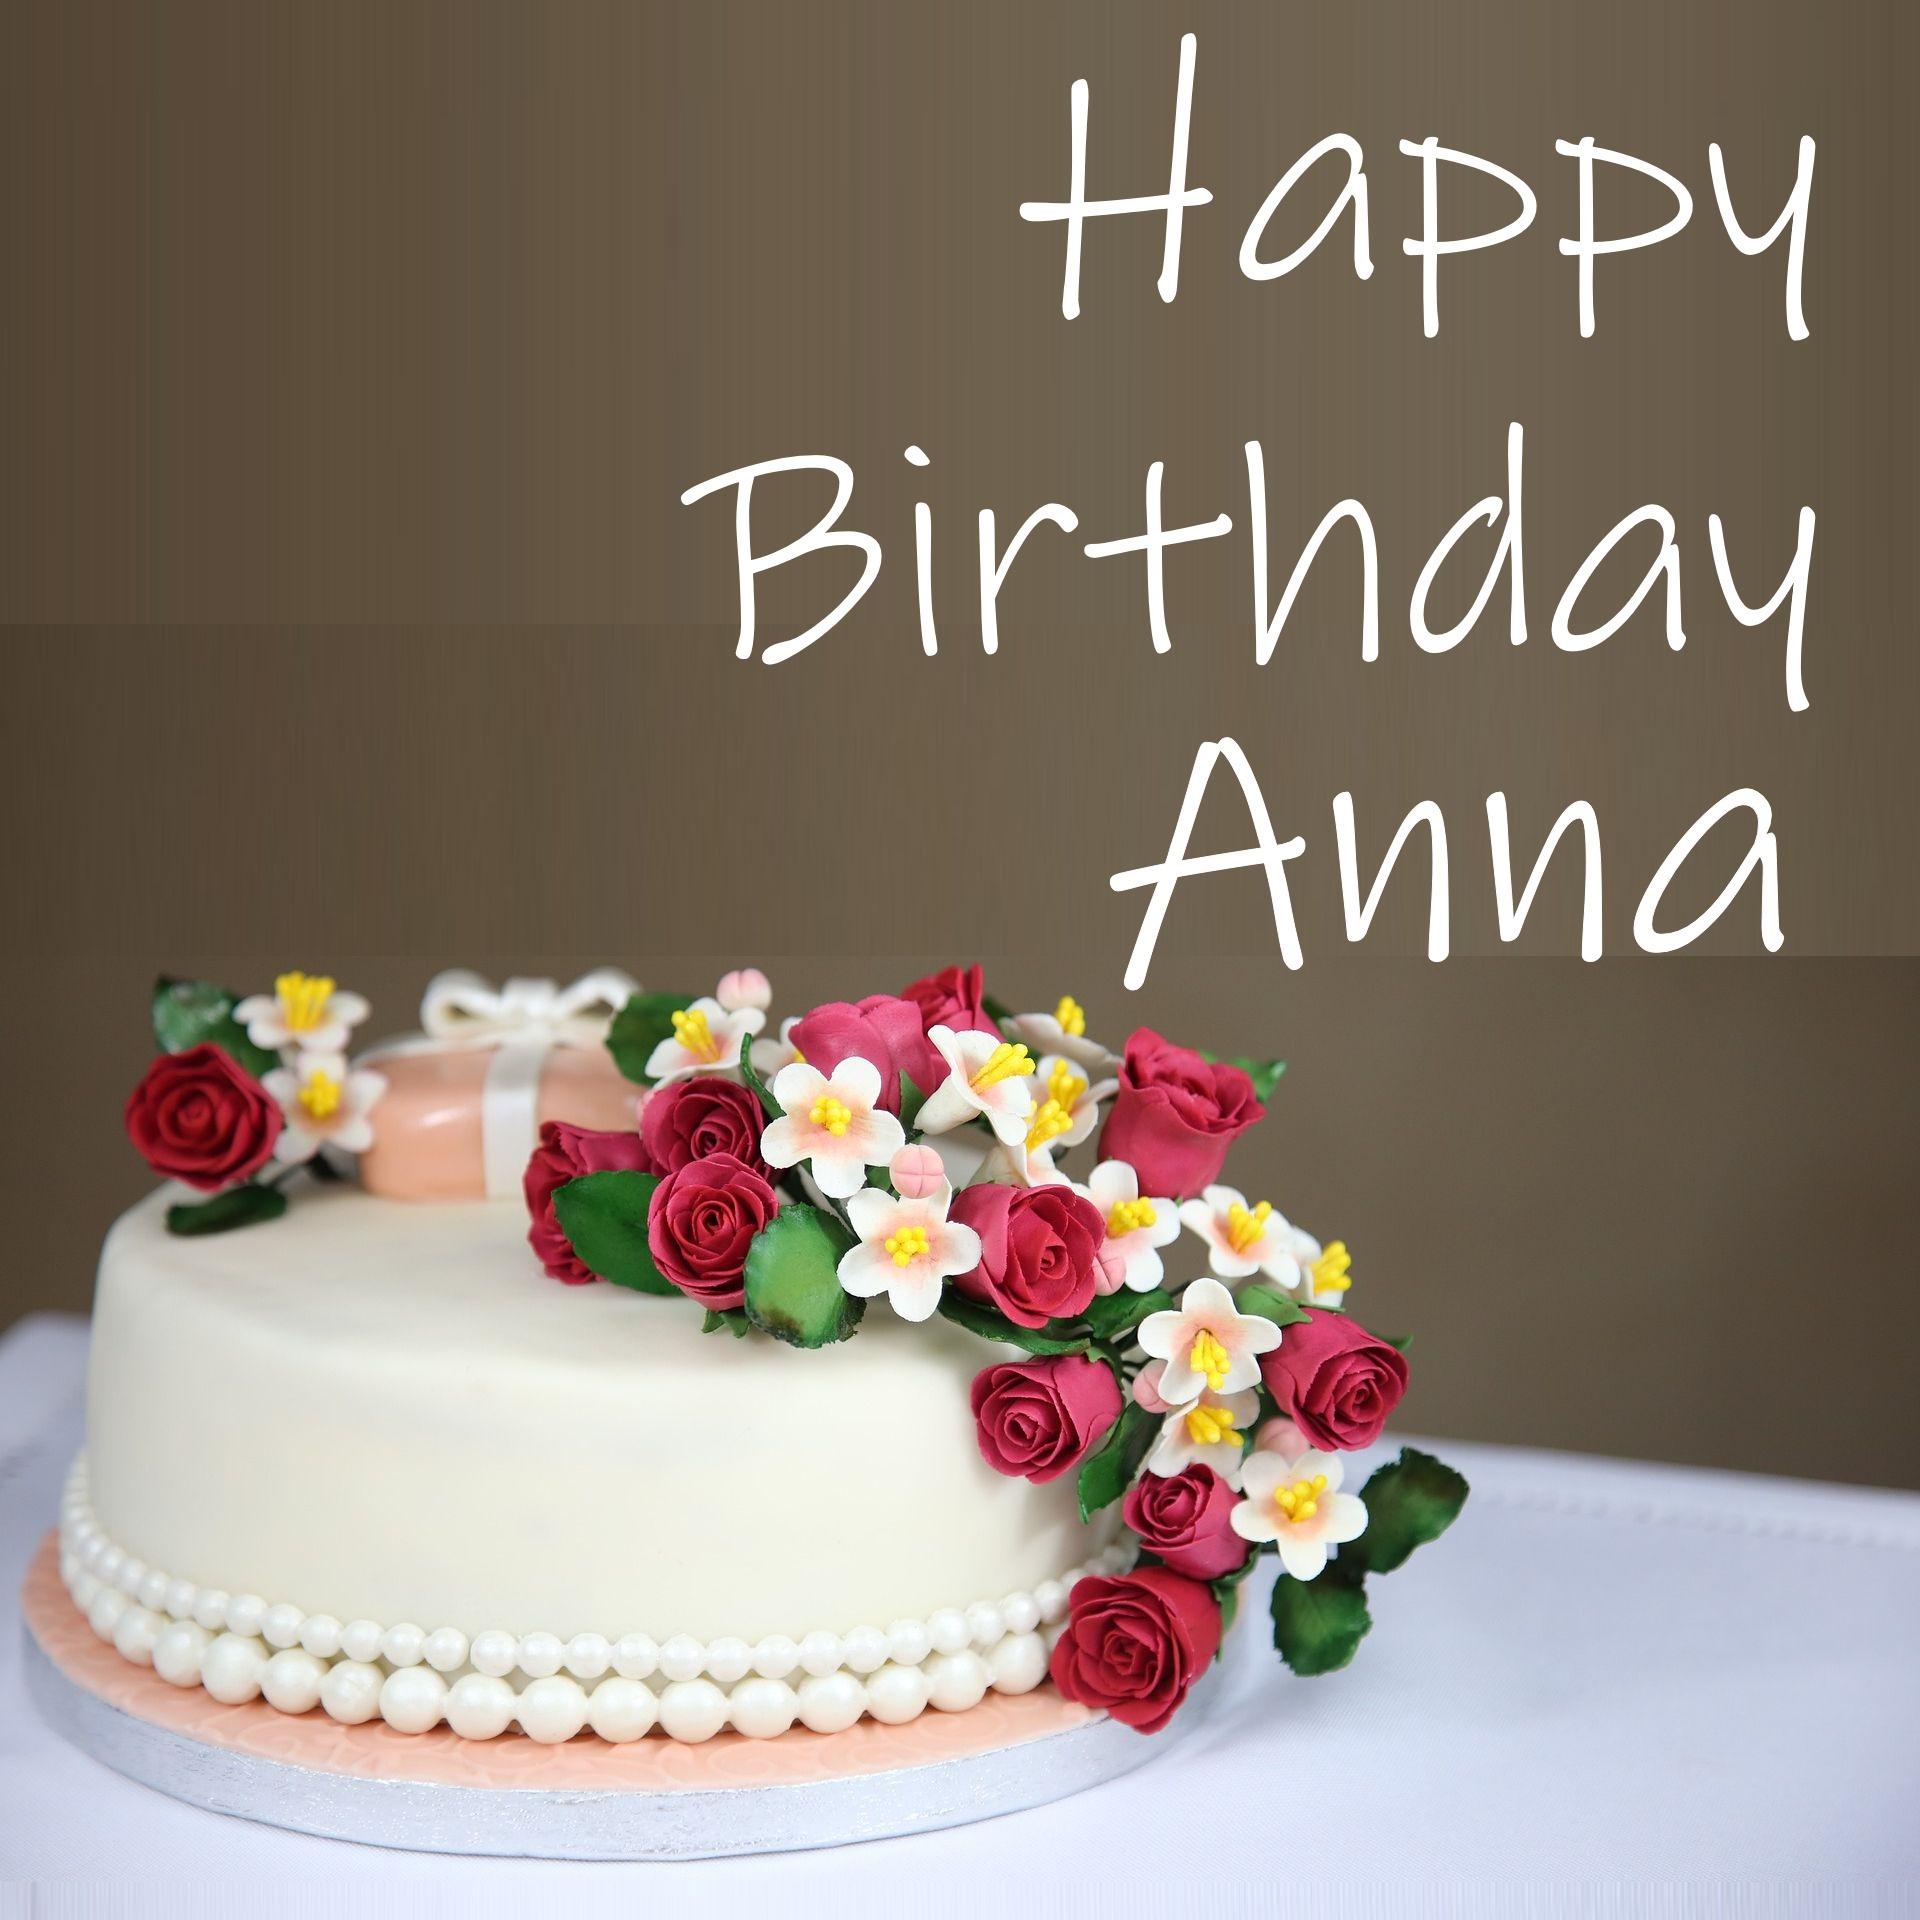 50 Best Geburtstag Bilder Fur Anna Sofort Download Wishiy Com